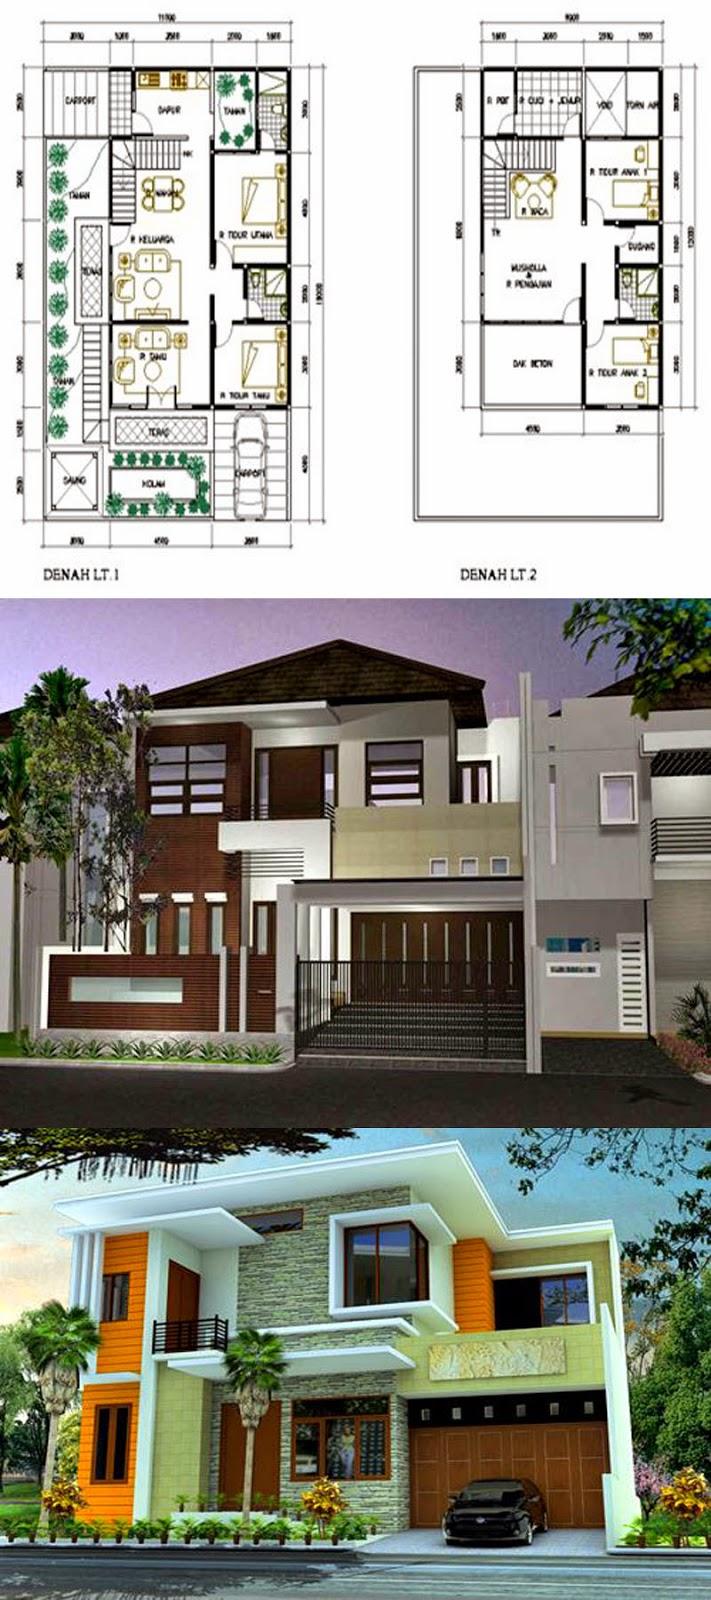 65 Desain Rumah Minimalis 2 Lantai Type 70 Desain Rumah Minimalis